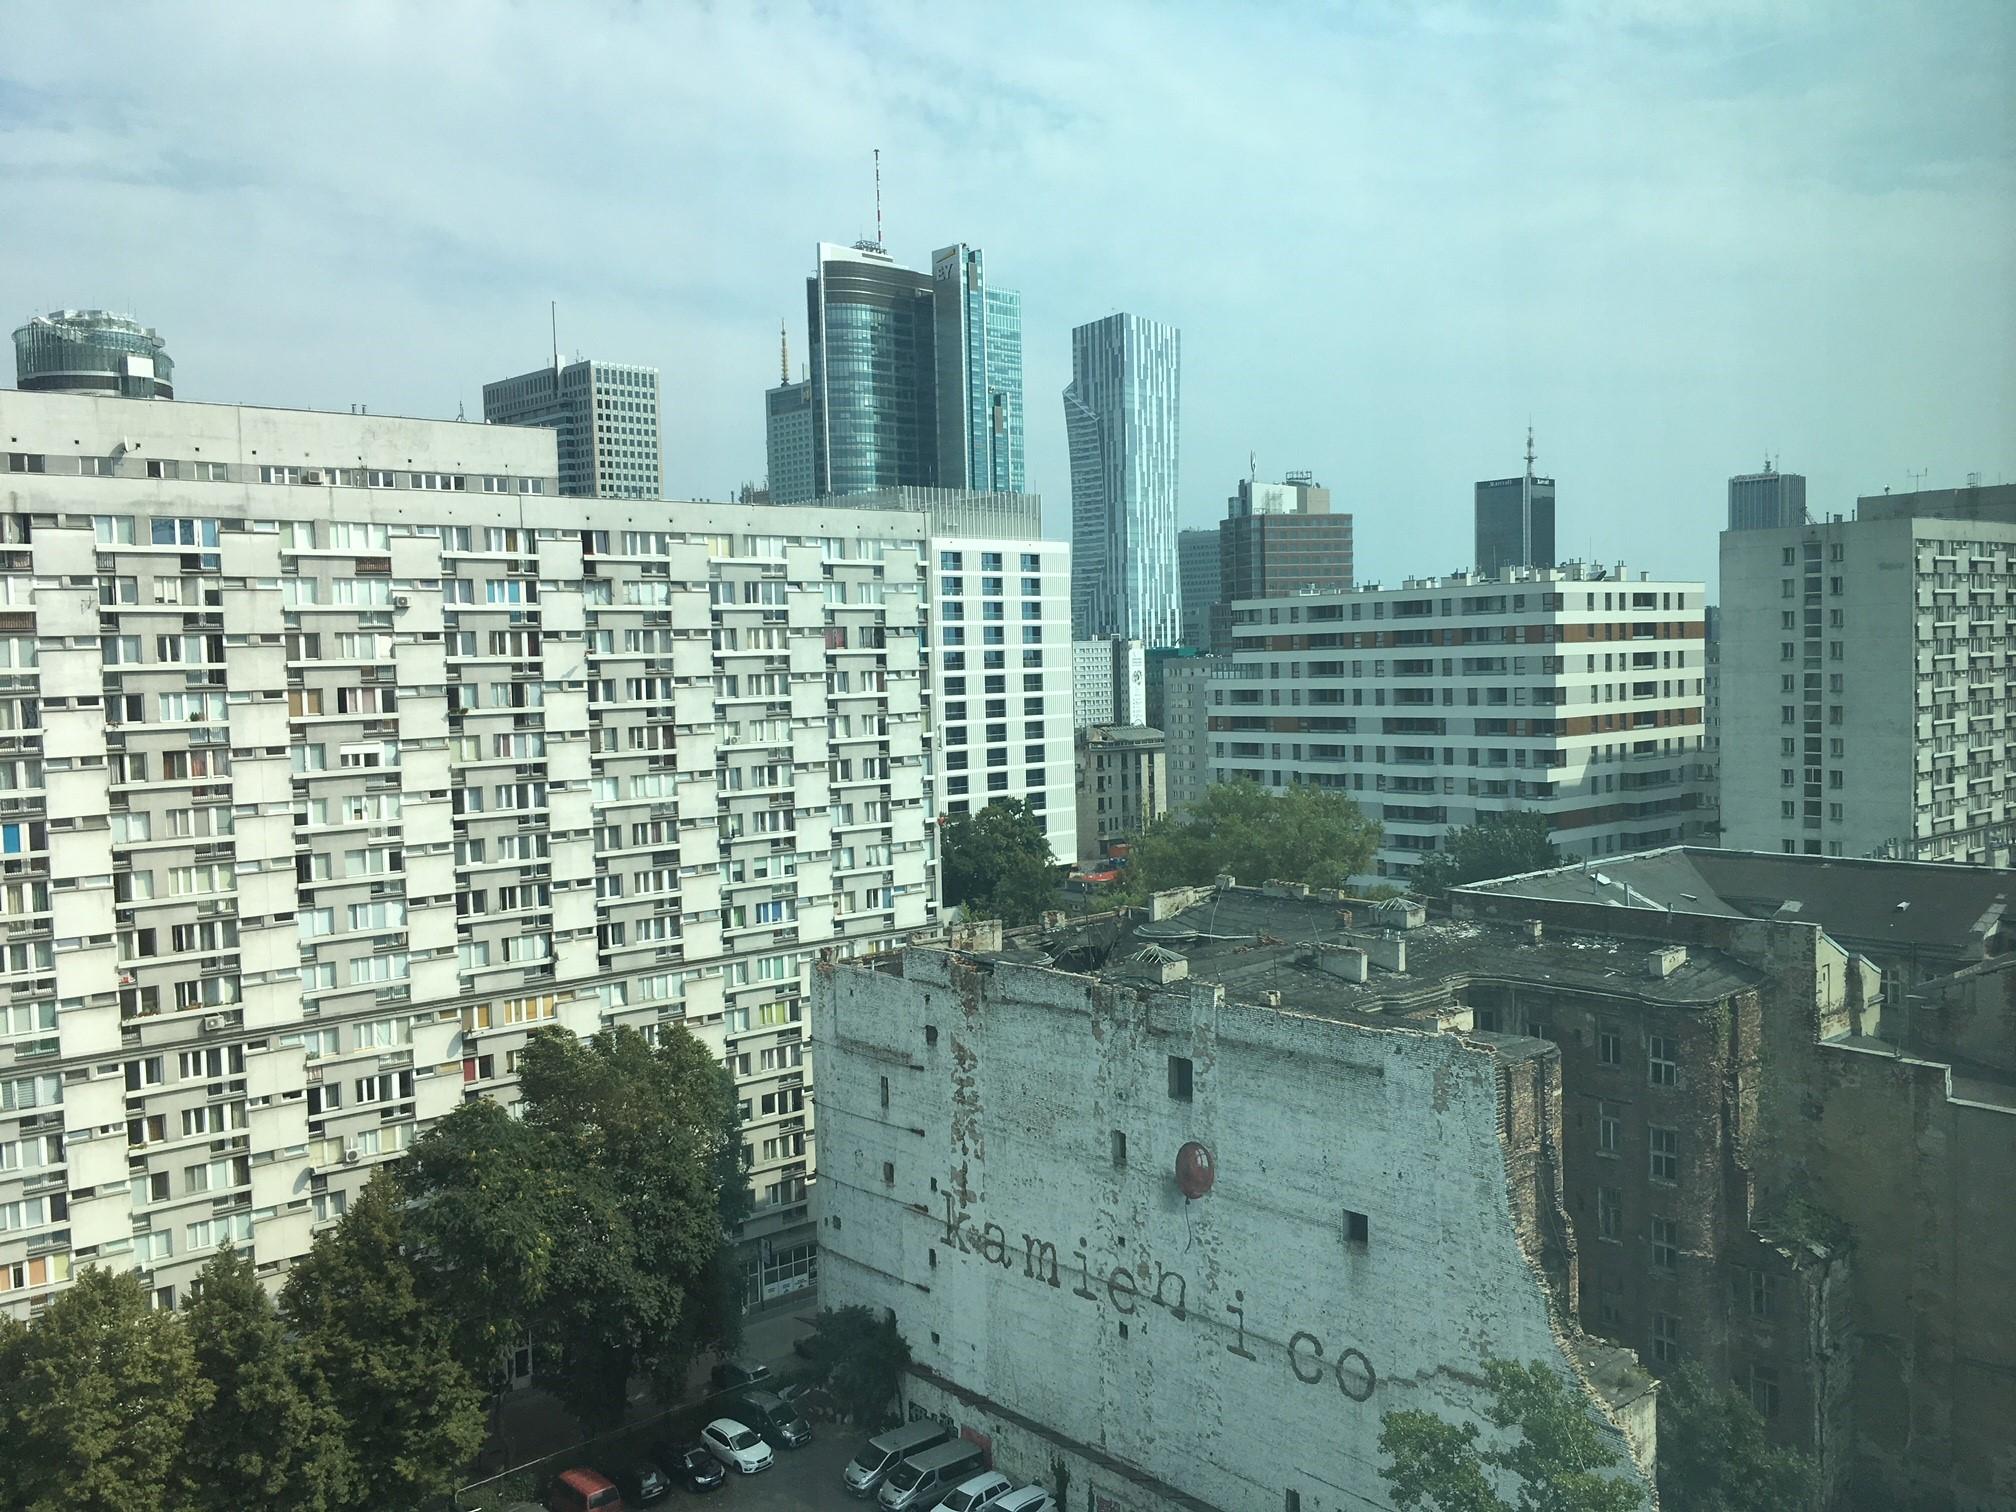 Kamien i co - die größte Wandmalerei Warschaus